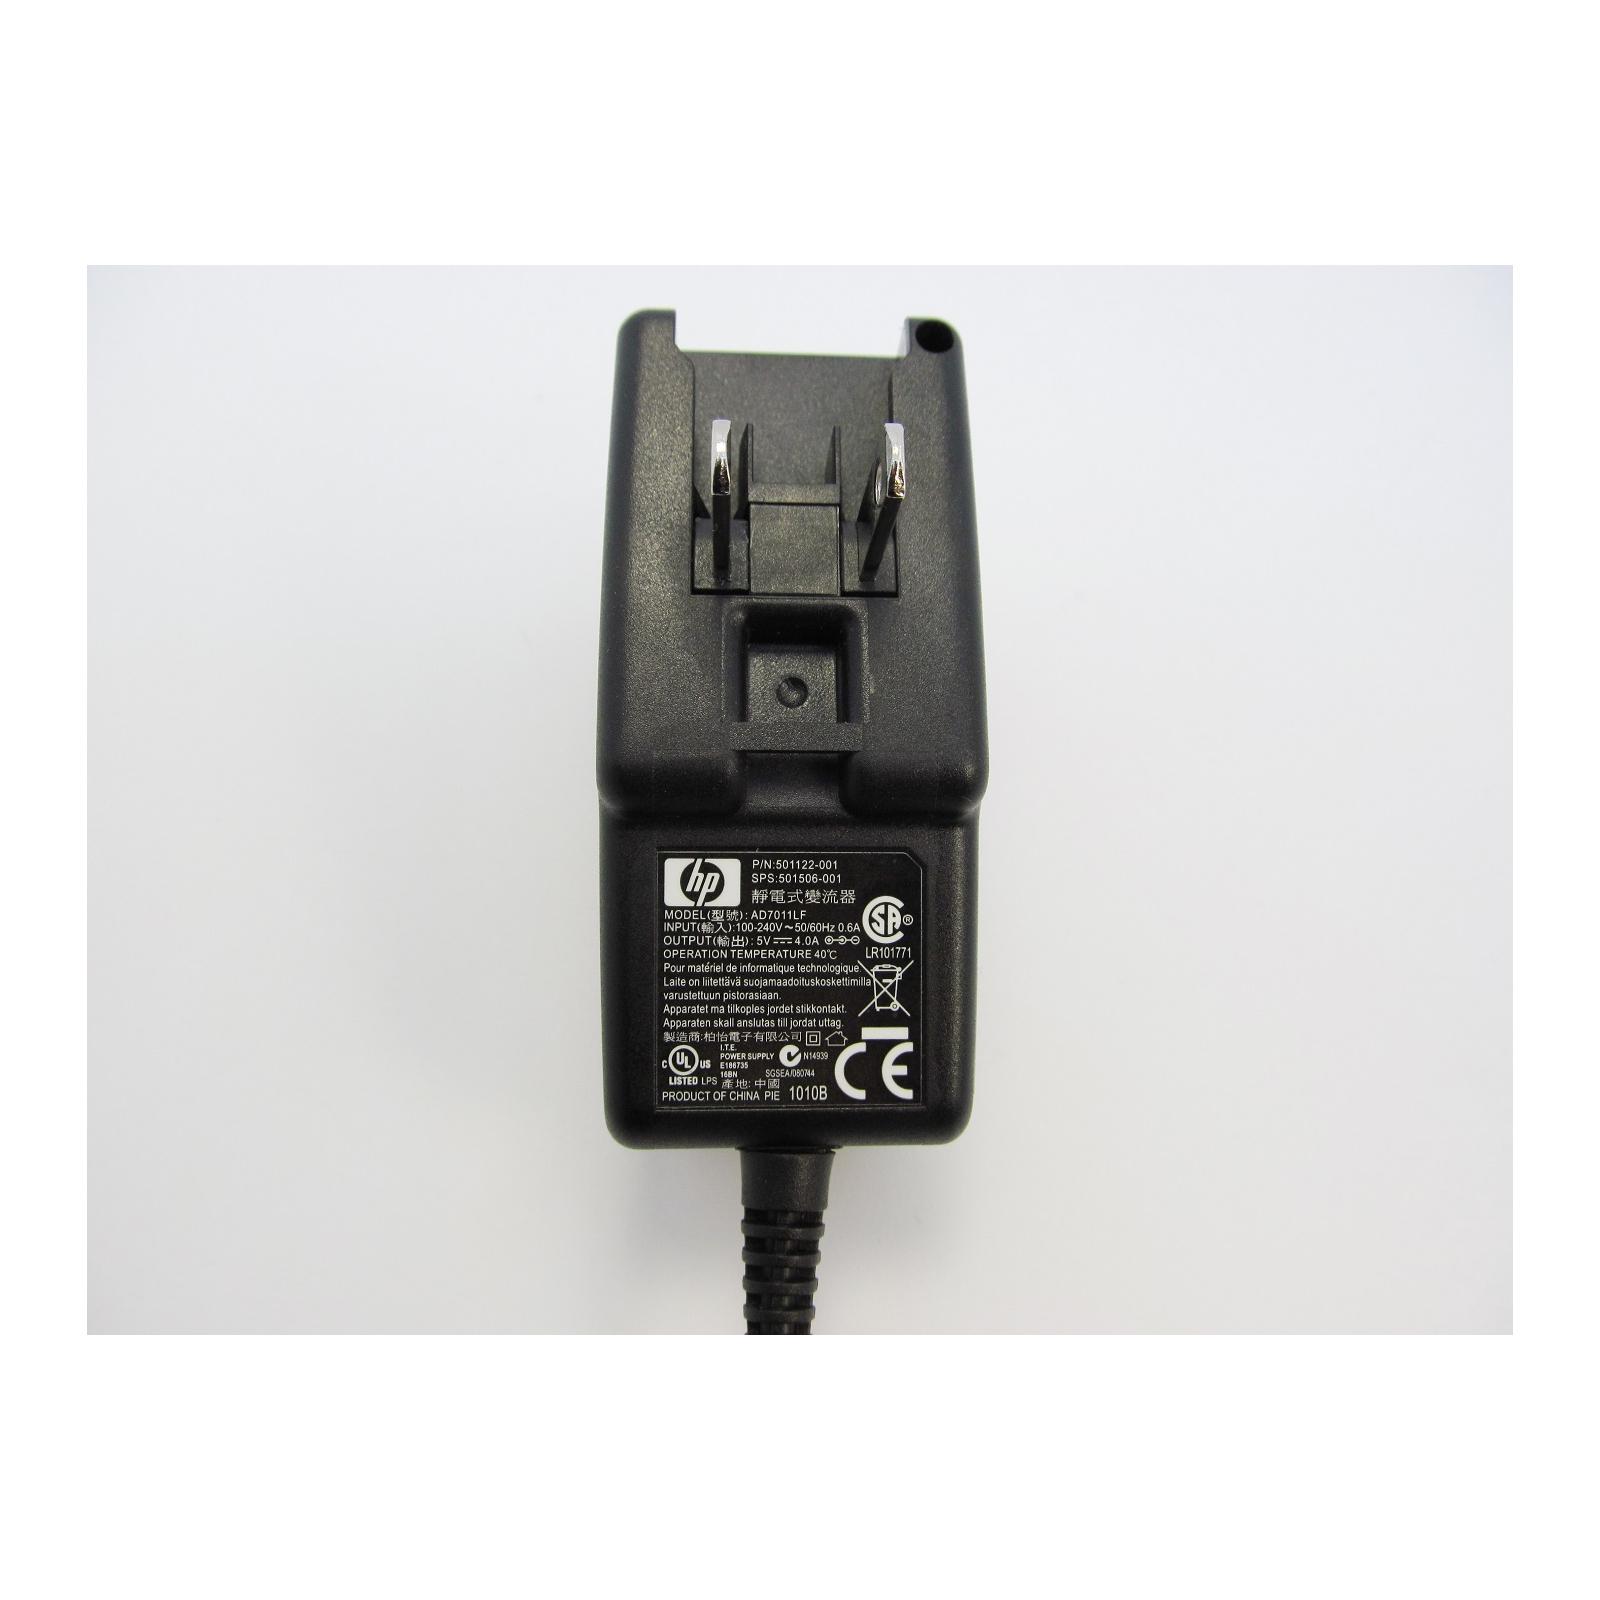 Блок питания к ноутбуку HP 20W 5V, 4A, разъем 4.0/1.7, wall mount (AD7011LF / A40260) изображение 4